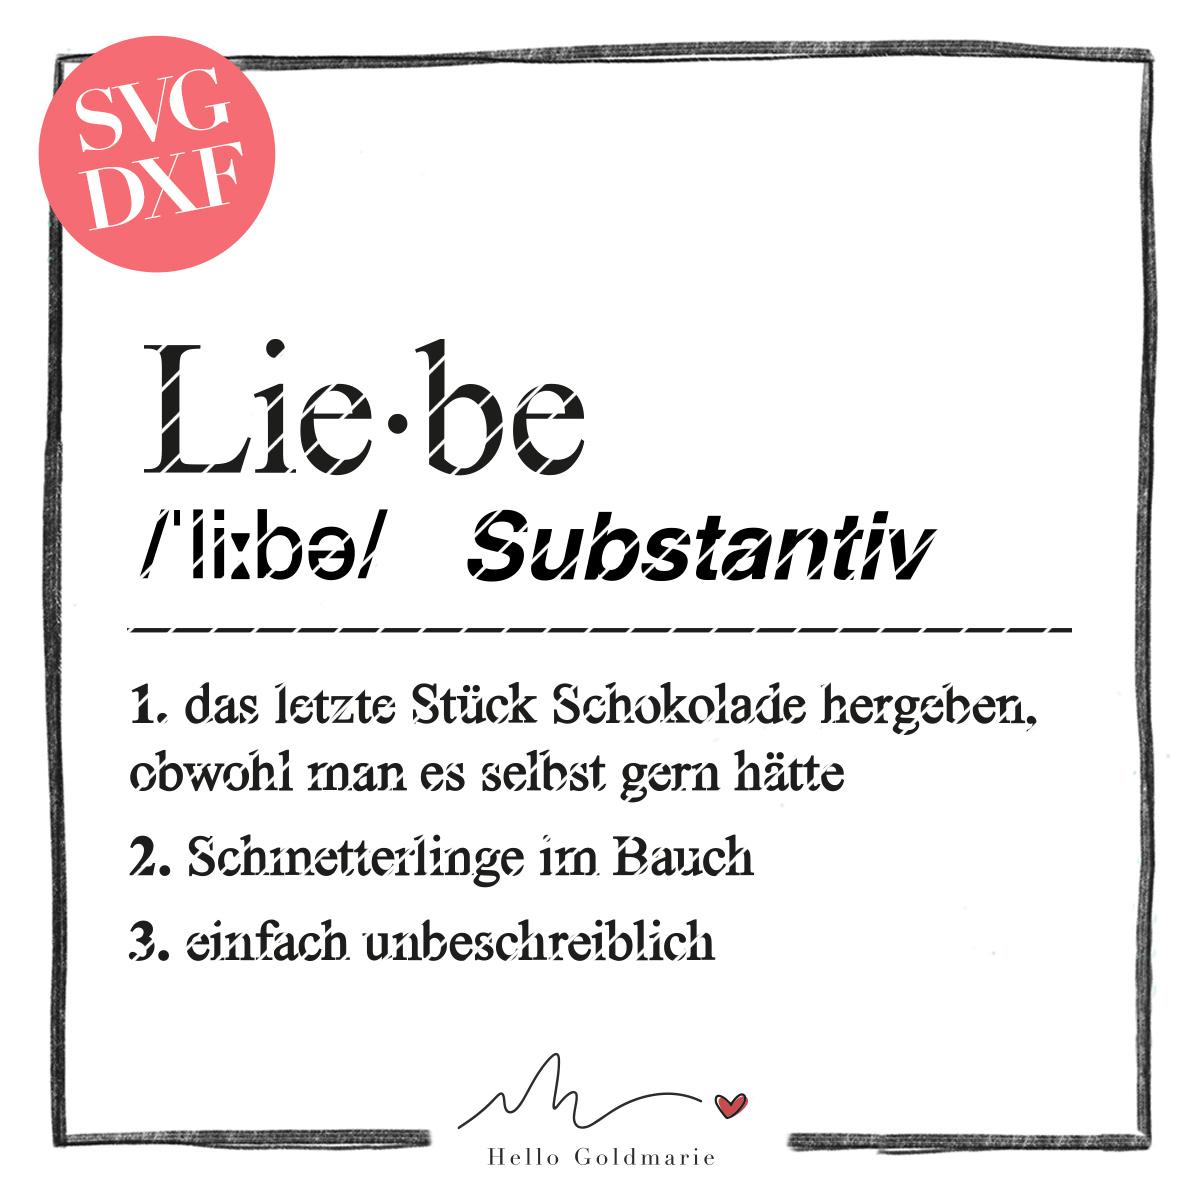 HELLO GOLDMARIE Plotterdateien - Definition Liebe